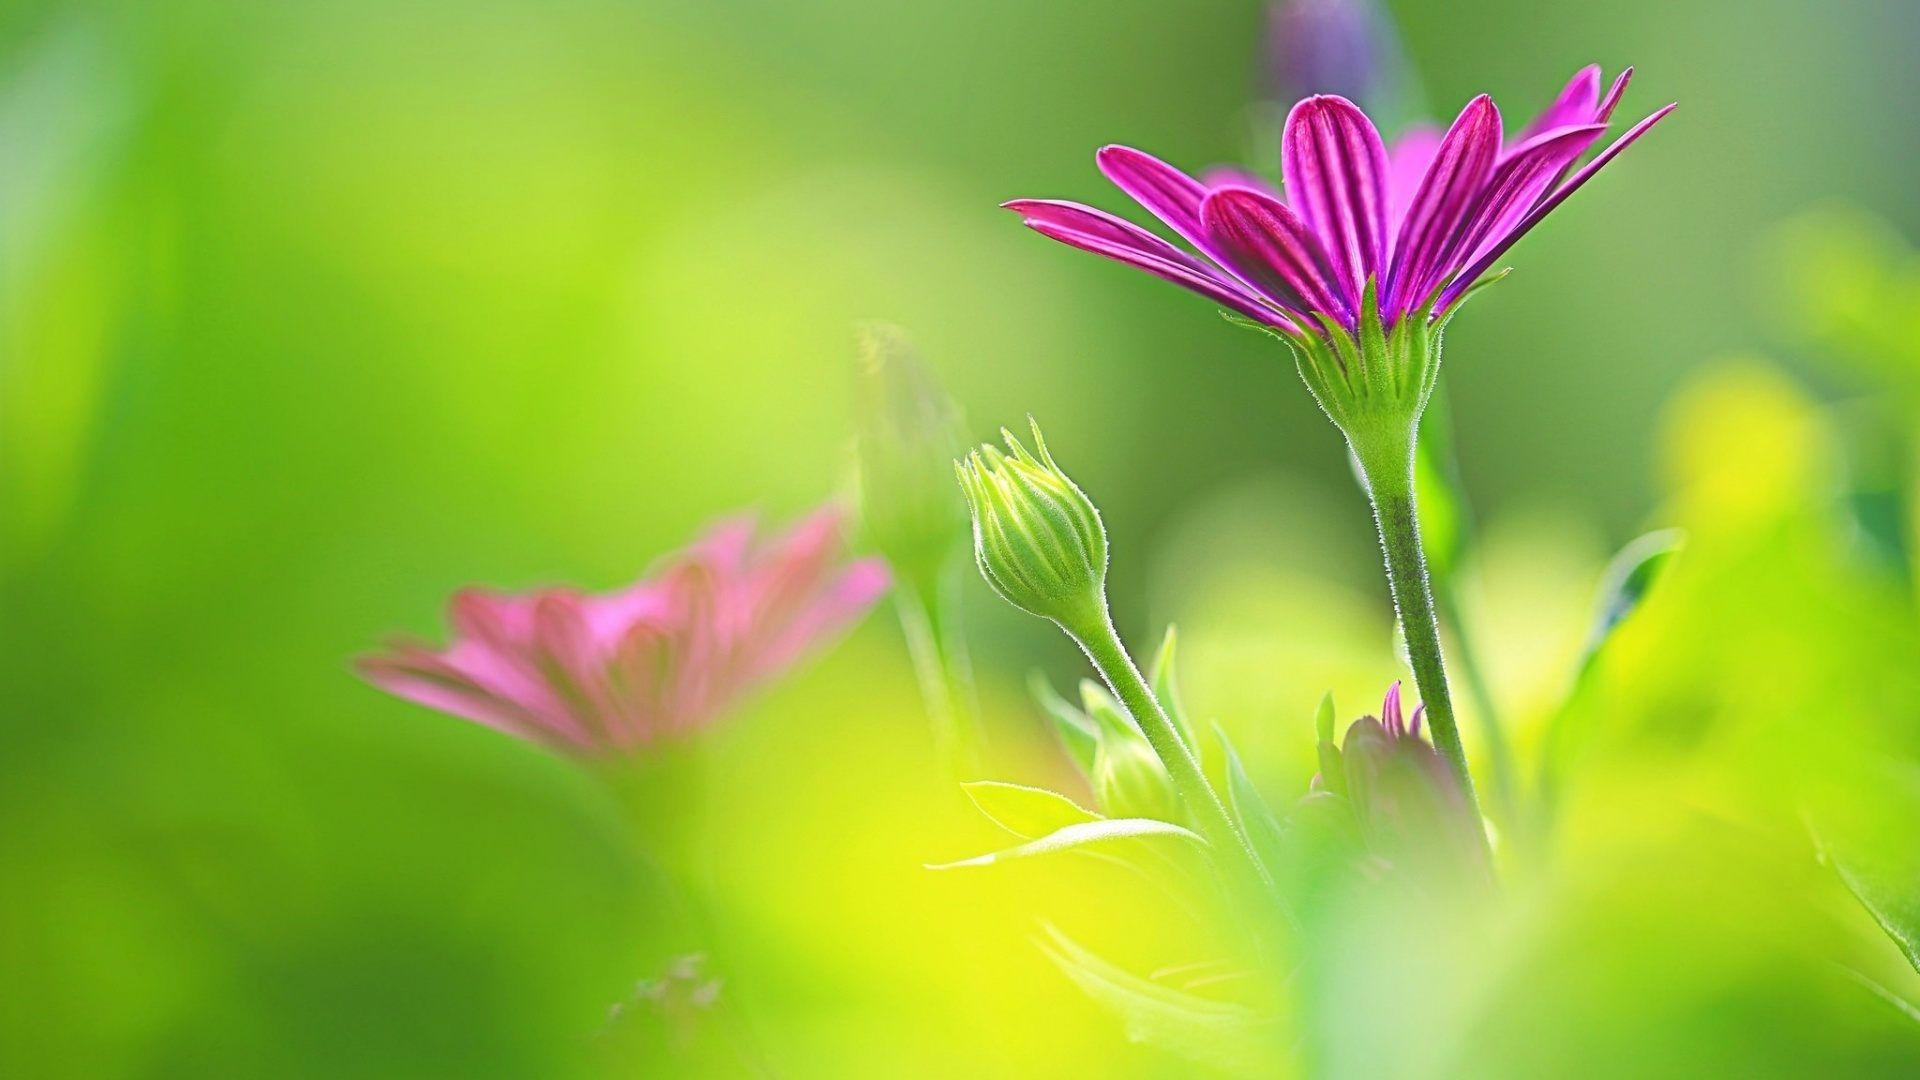 art by uemura shoen purple morning flowers hd wallpaper